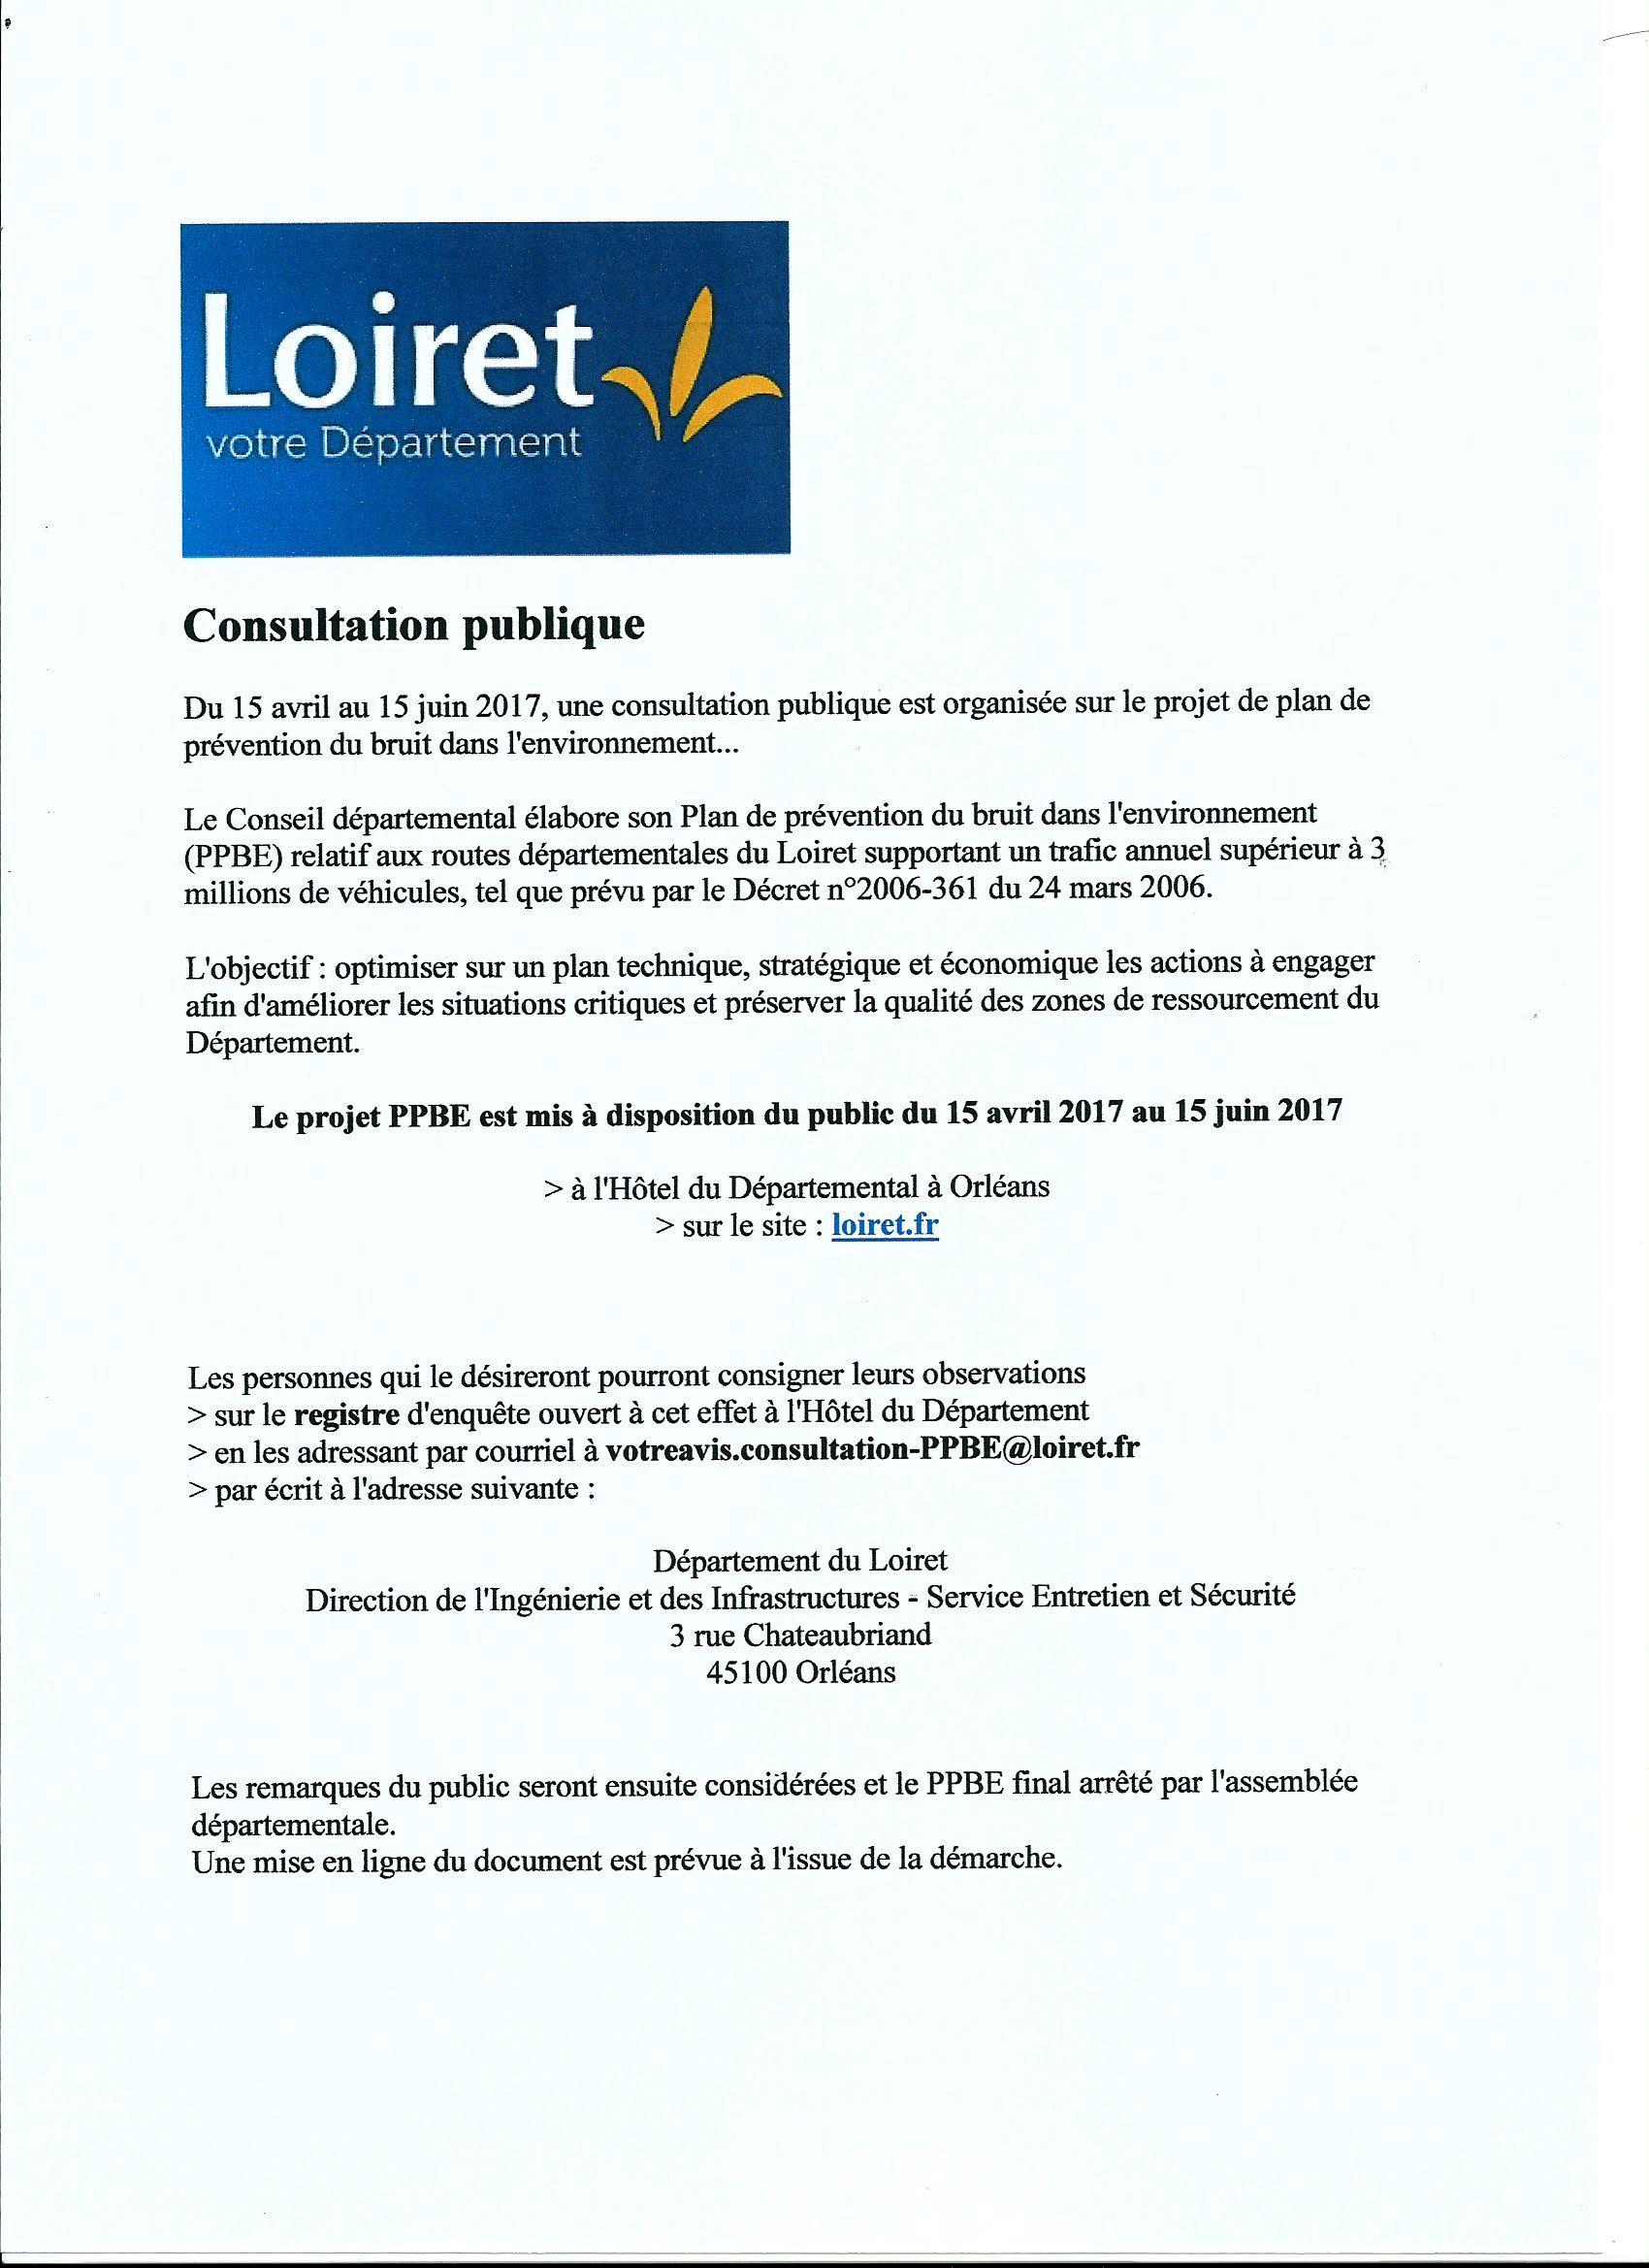 Scan Loiret Consultation Publique 2017.jpg